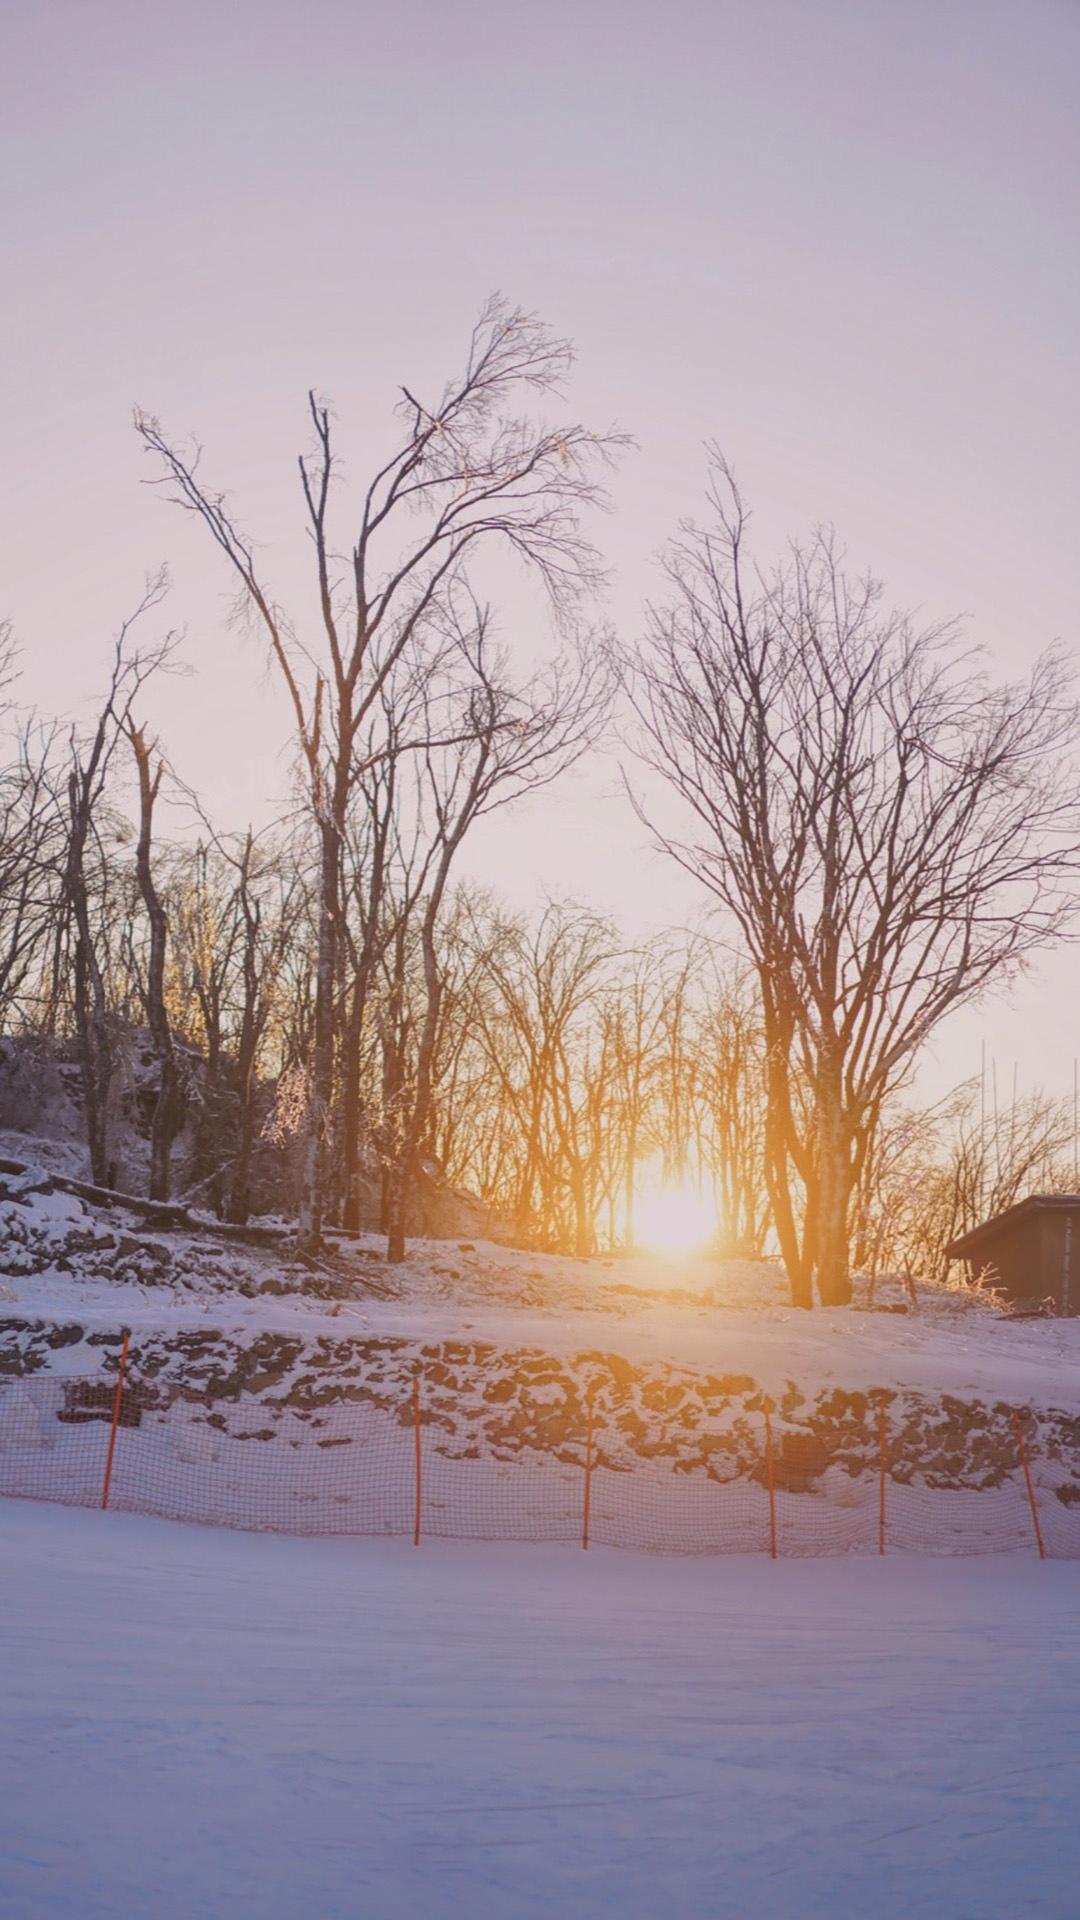 雪后黄昏夕阳优美景色手机壁纸